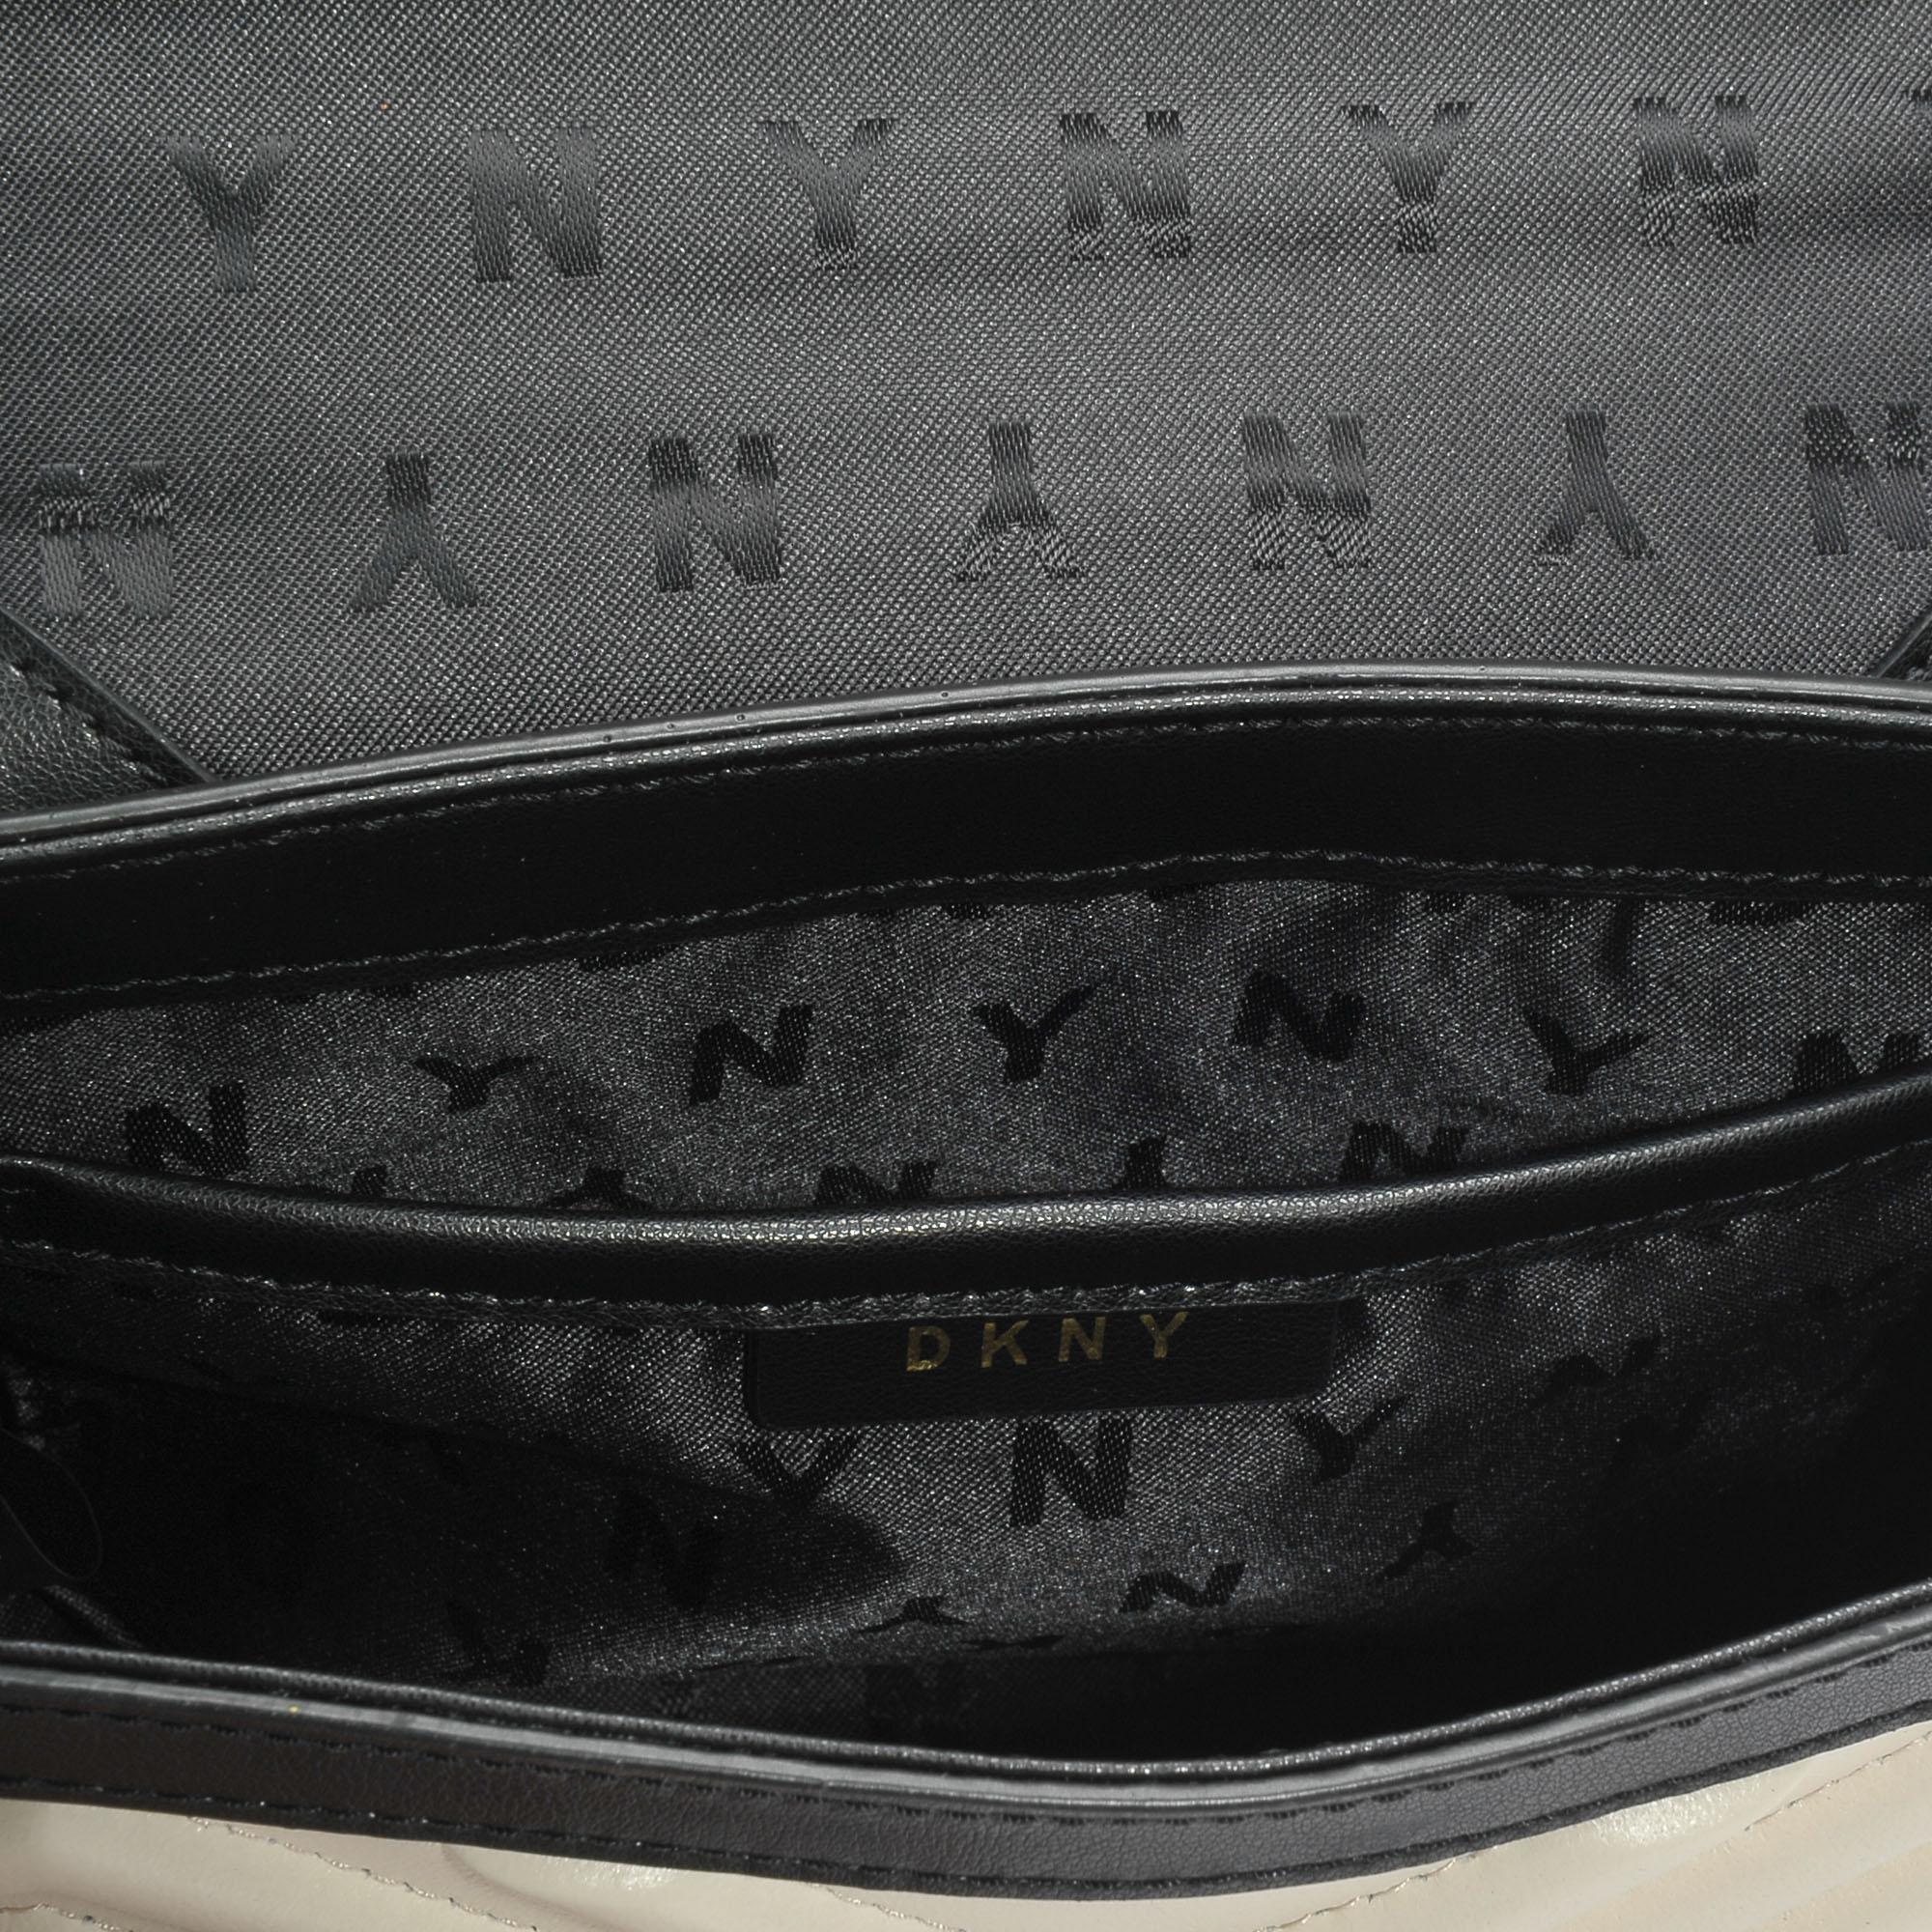 DKNY Leather Sharon Flap Crossbody Bag In Black Ivory Lamb Nappa